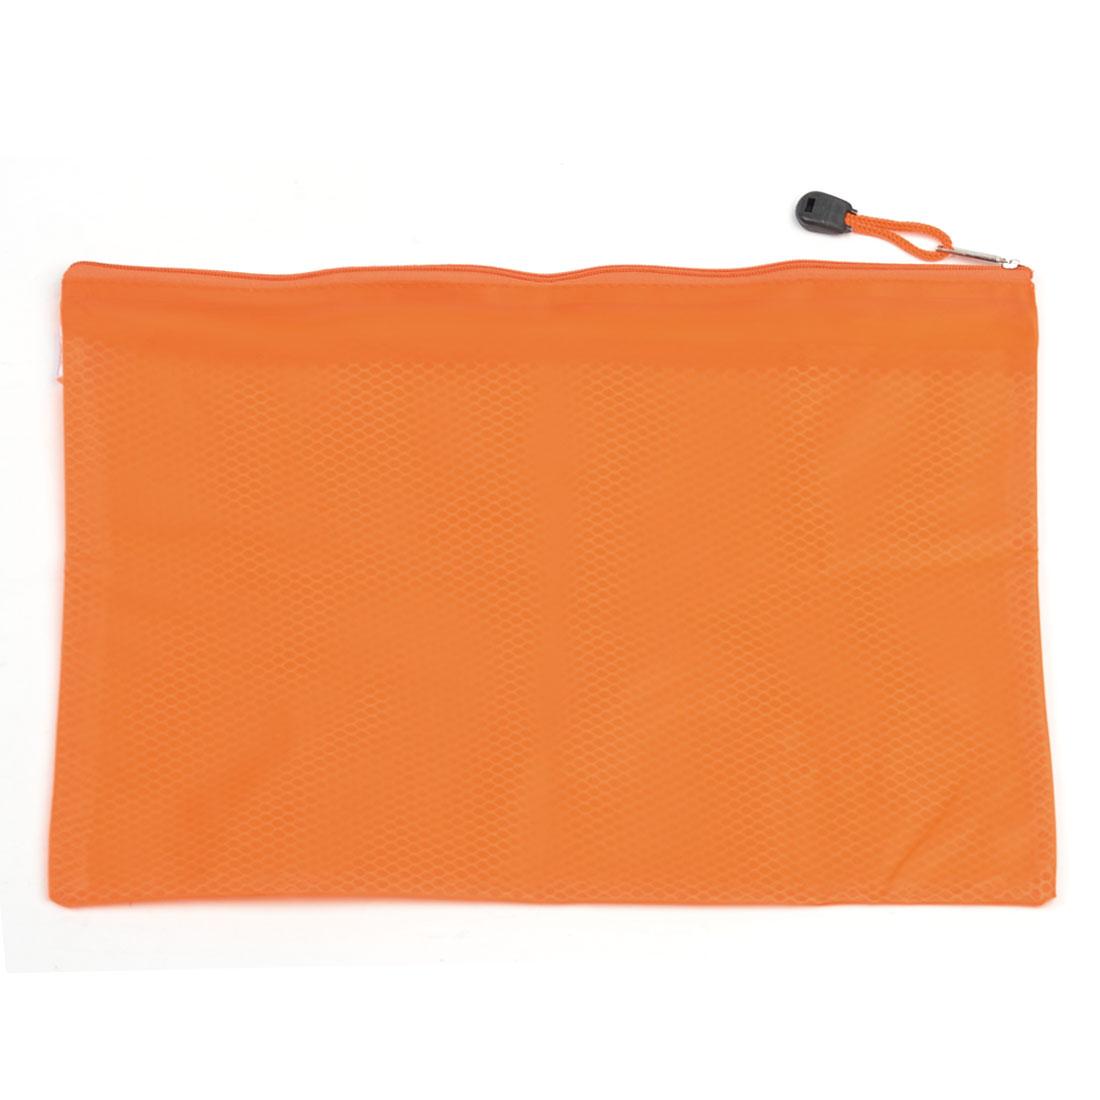 Zipper Hand Strap Design Stationery Holder File Bags Folder Orange